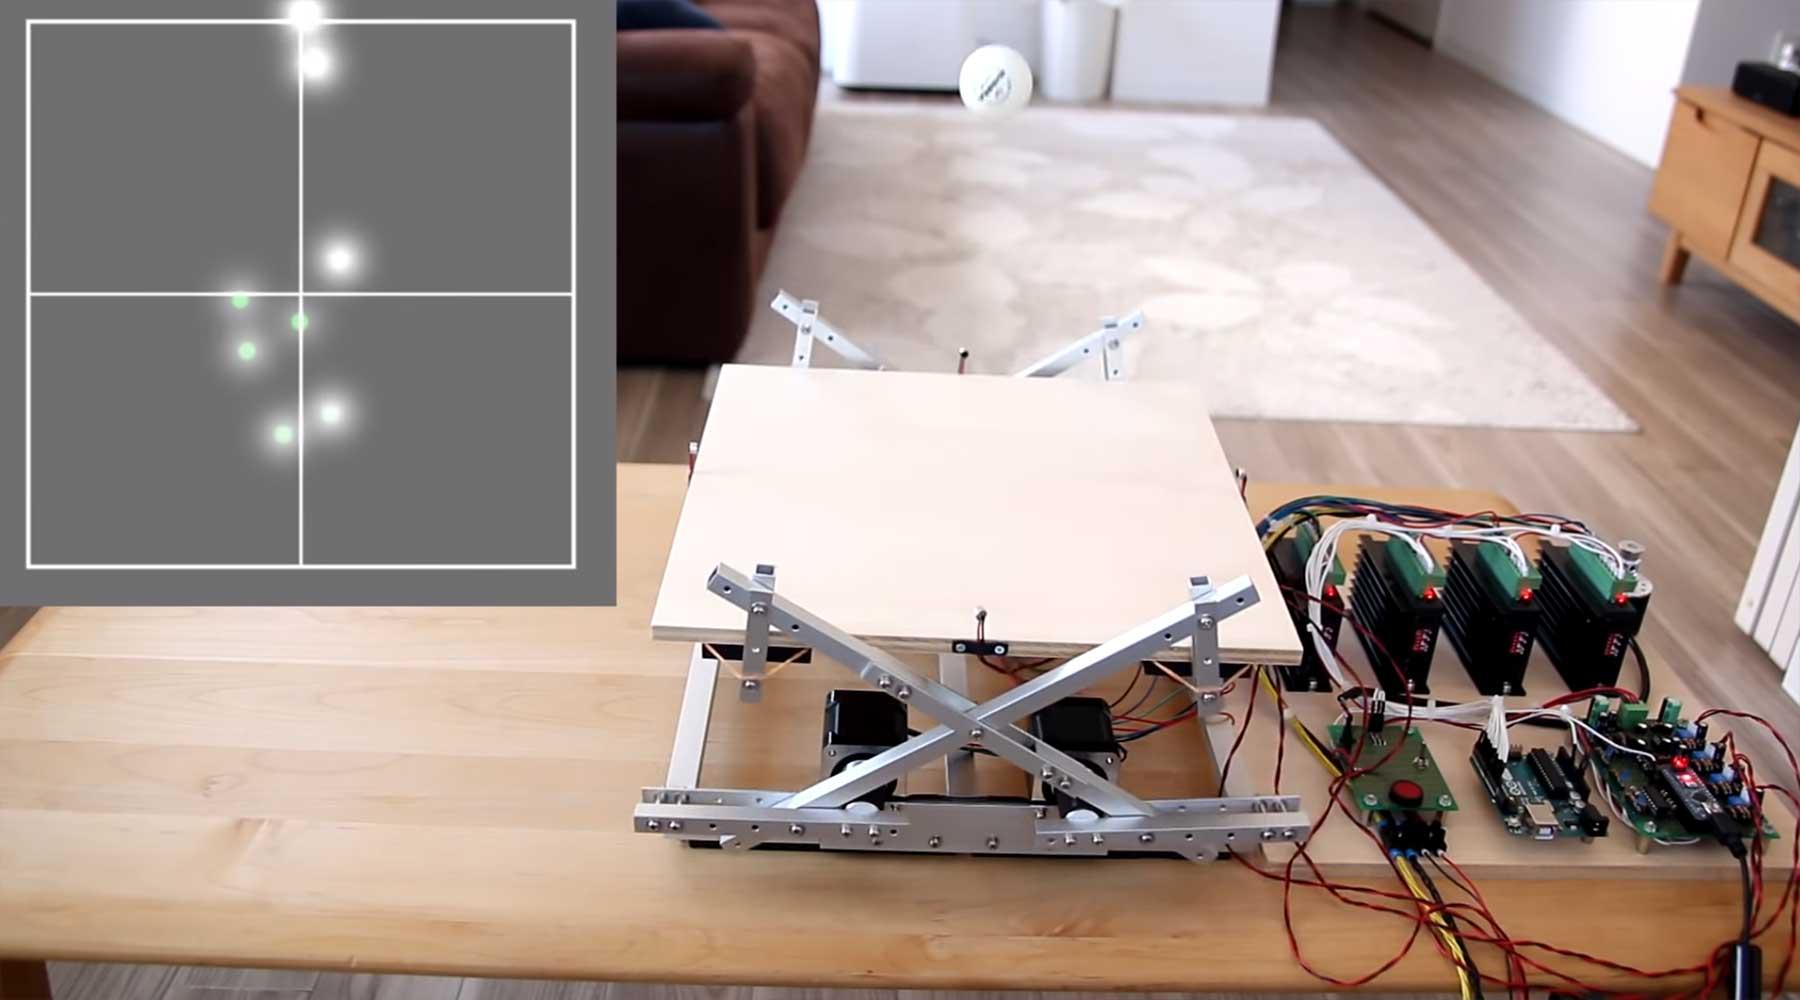 Dieser Roboter kann einen Tischtennisball in der Luft halten